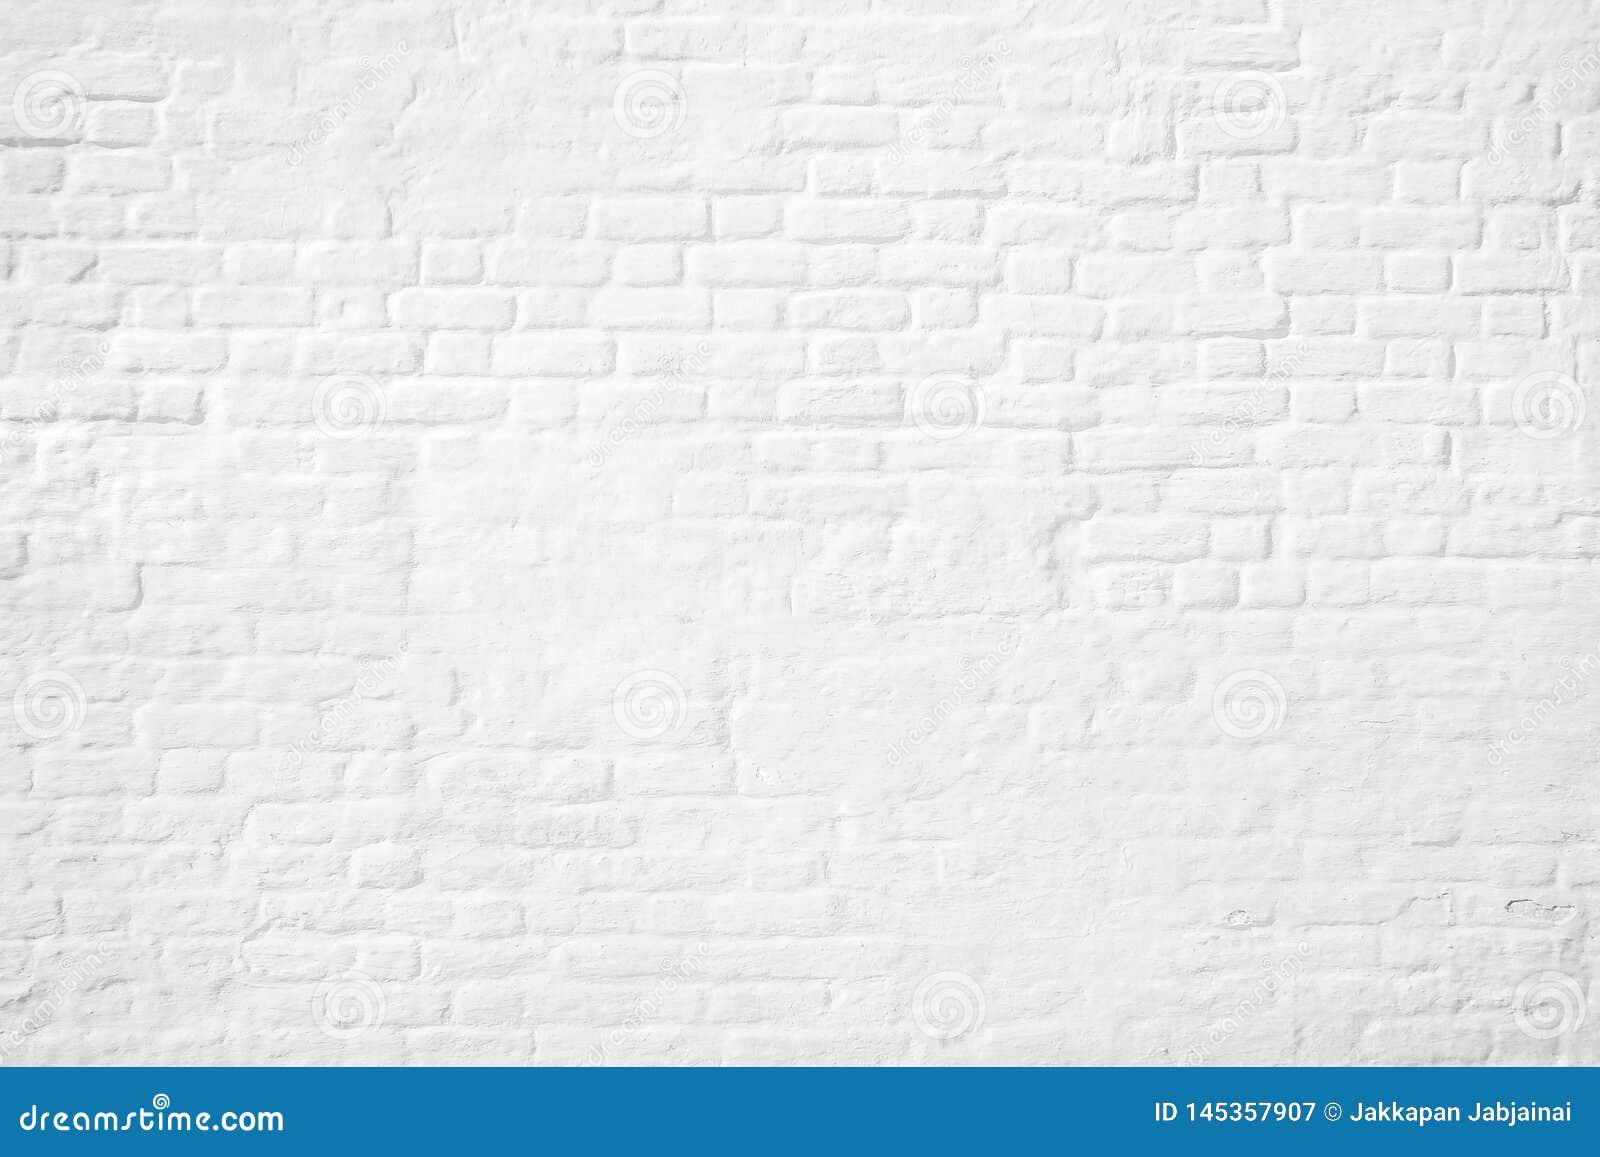 Patroon van witte bakstenen muurachtergrond